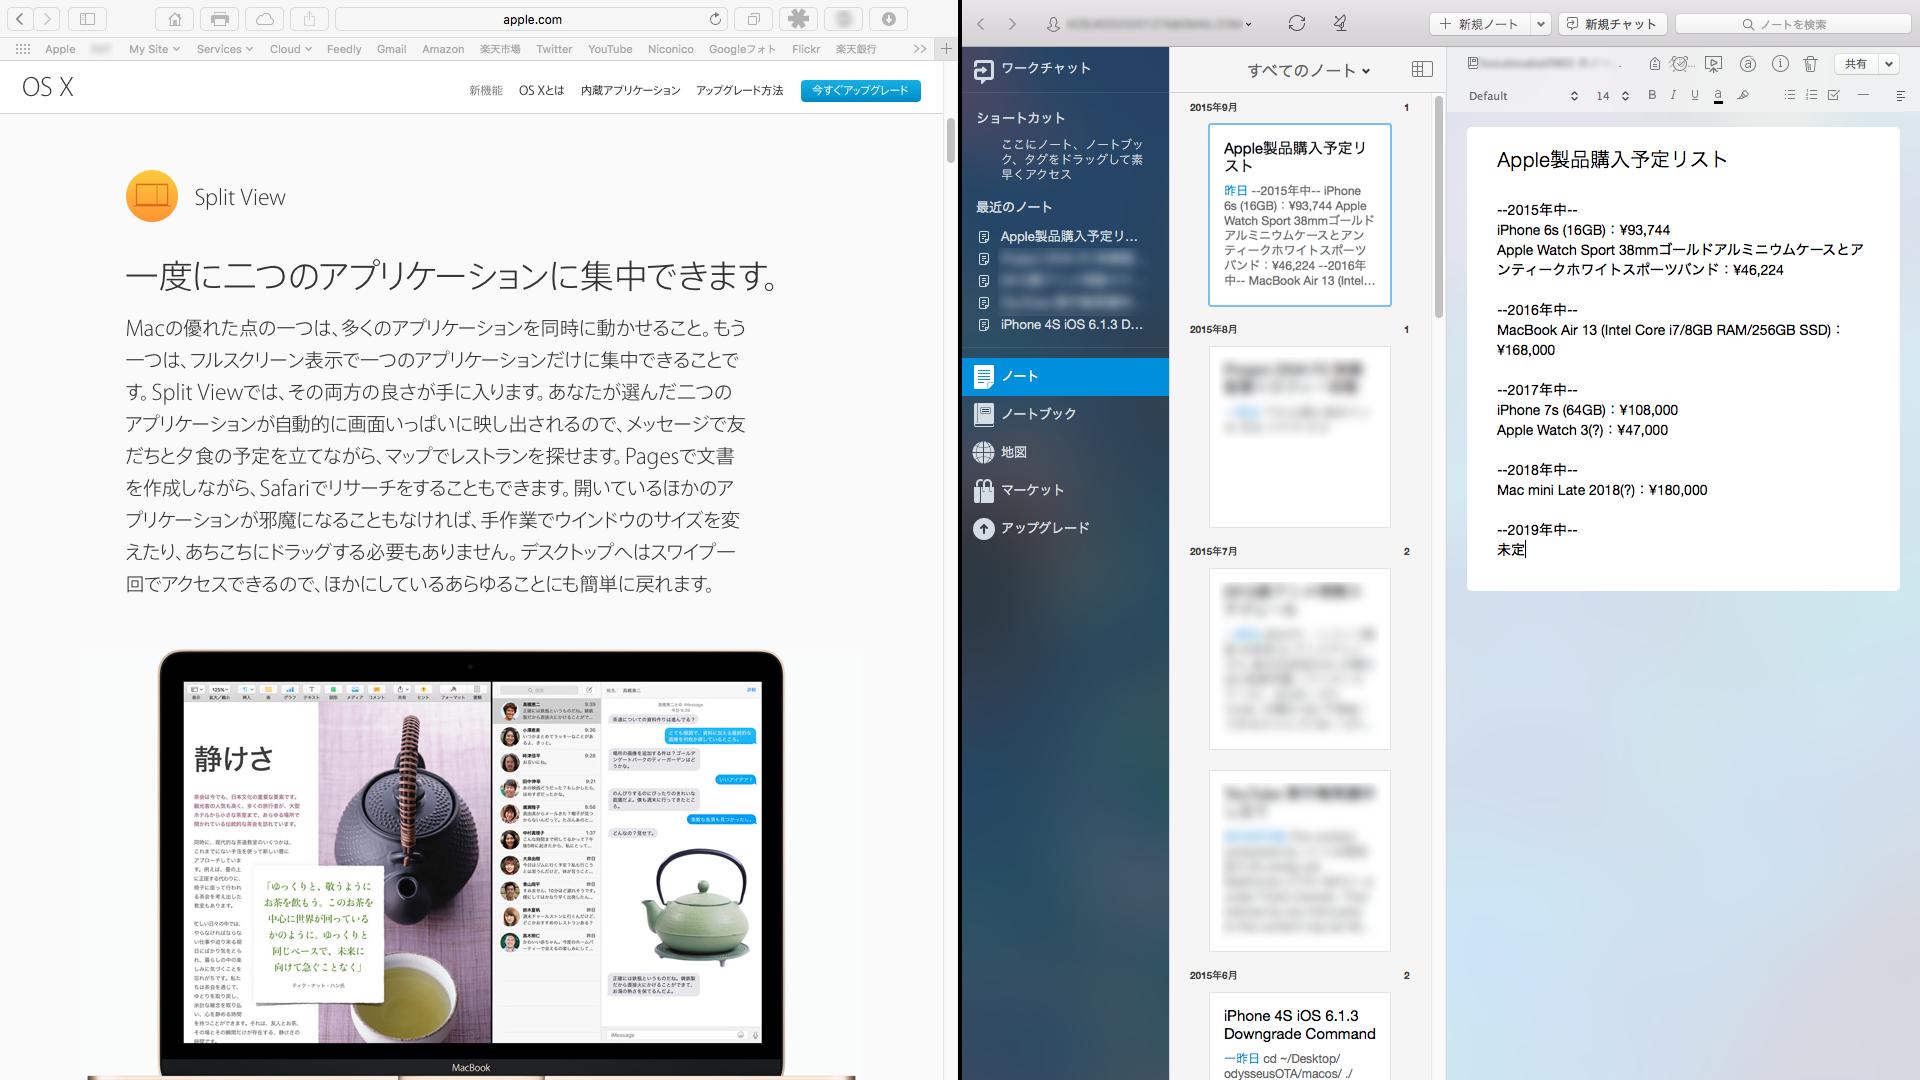 スクリーンショット 2015-10-01 23.08.41